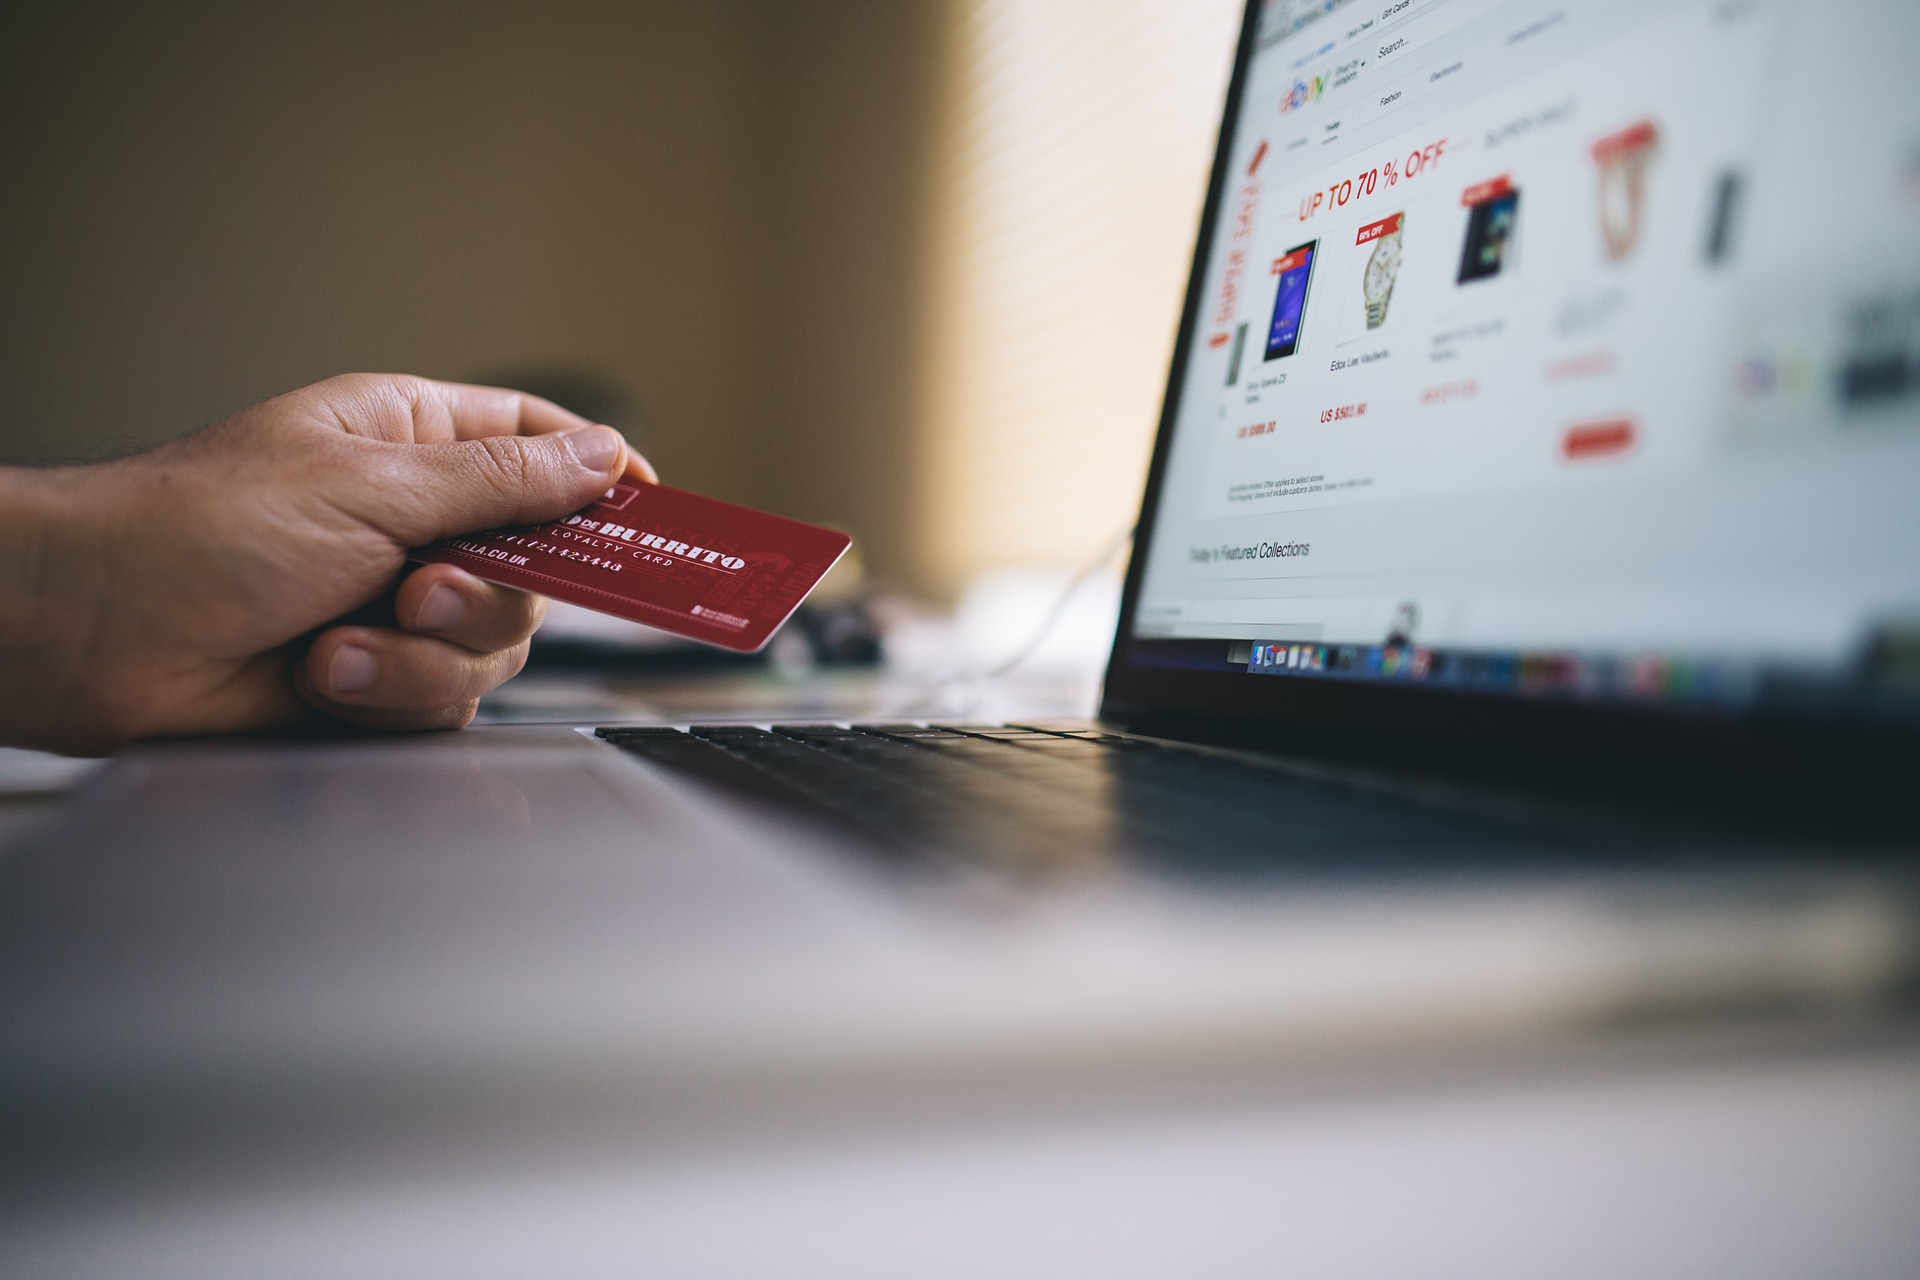 ¿Qué plataforma utilizar para crear un ecommerce?